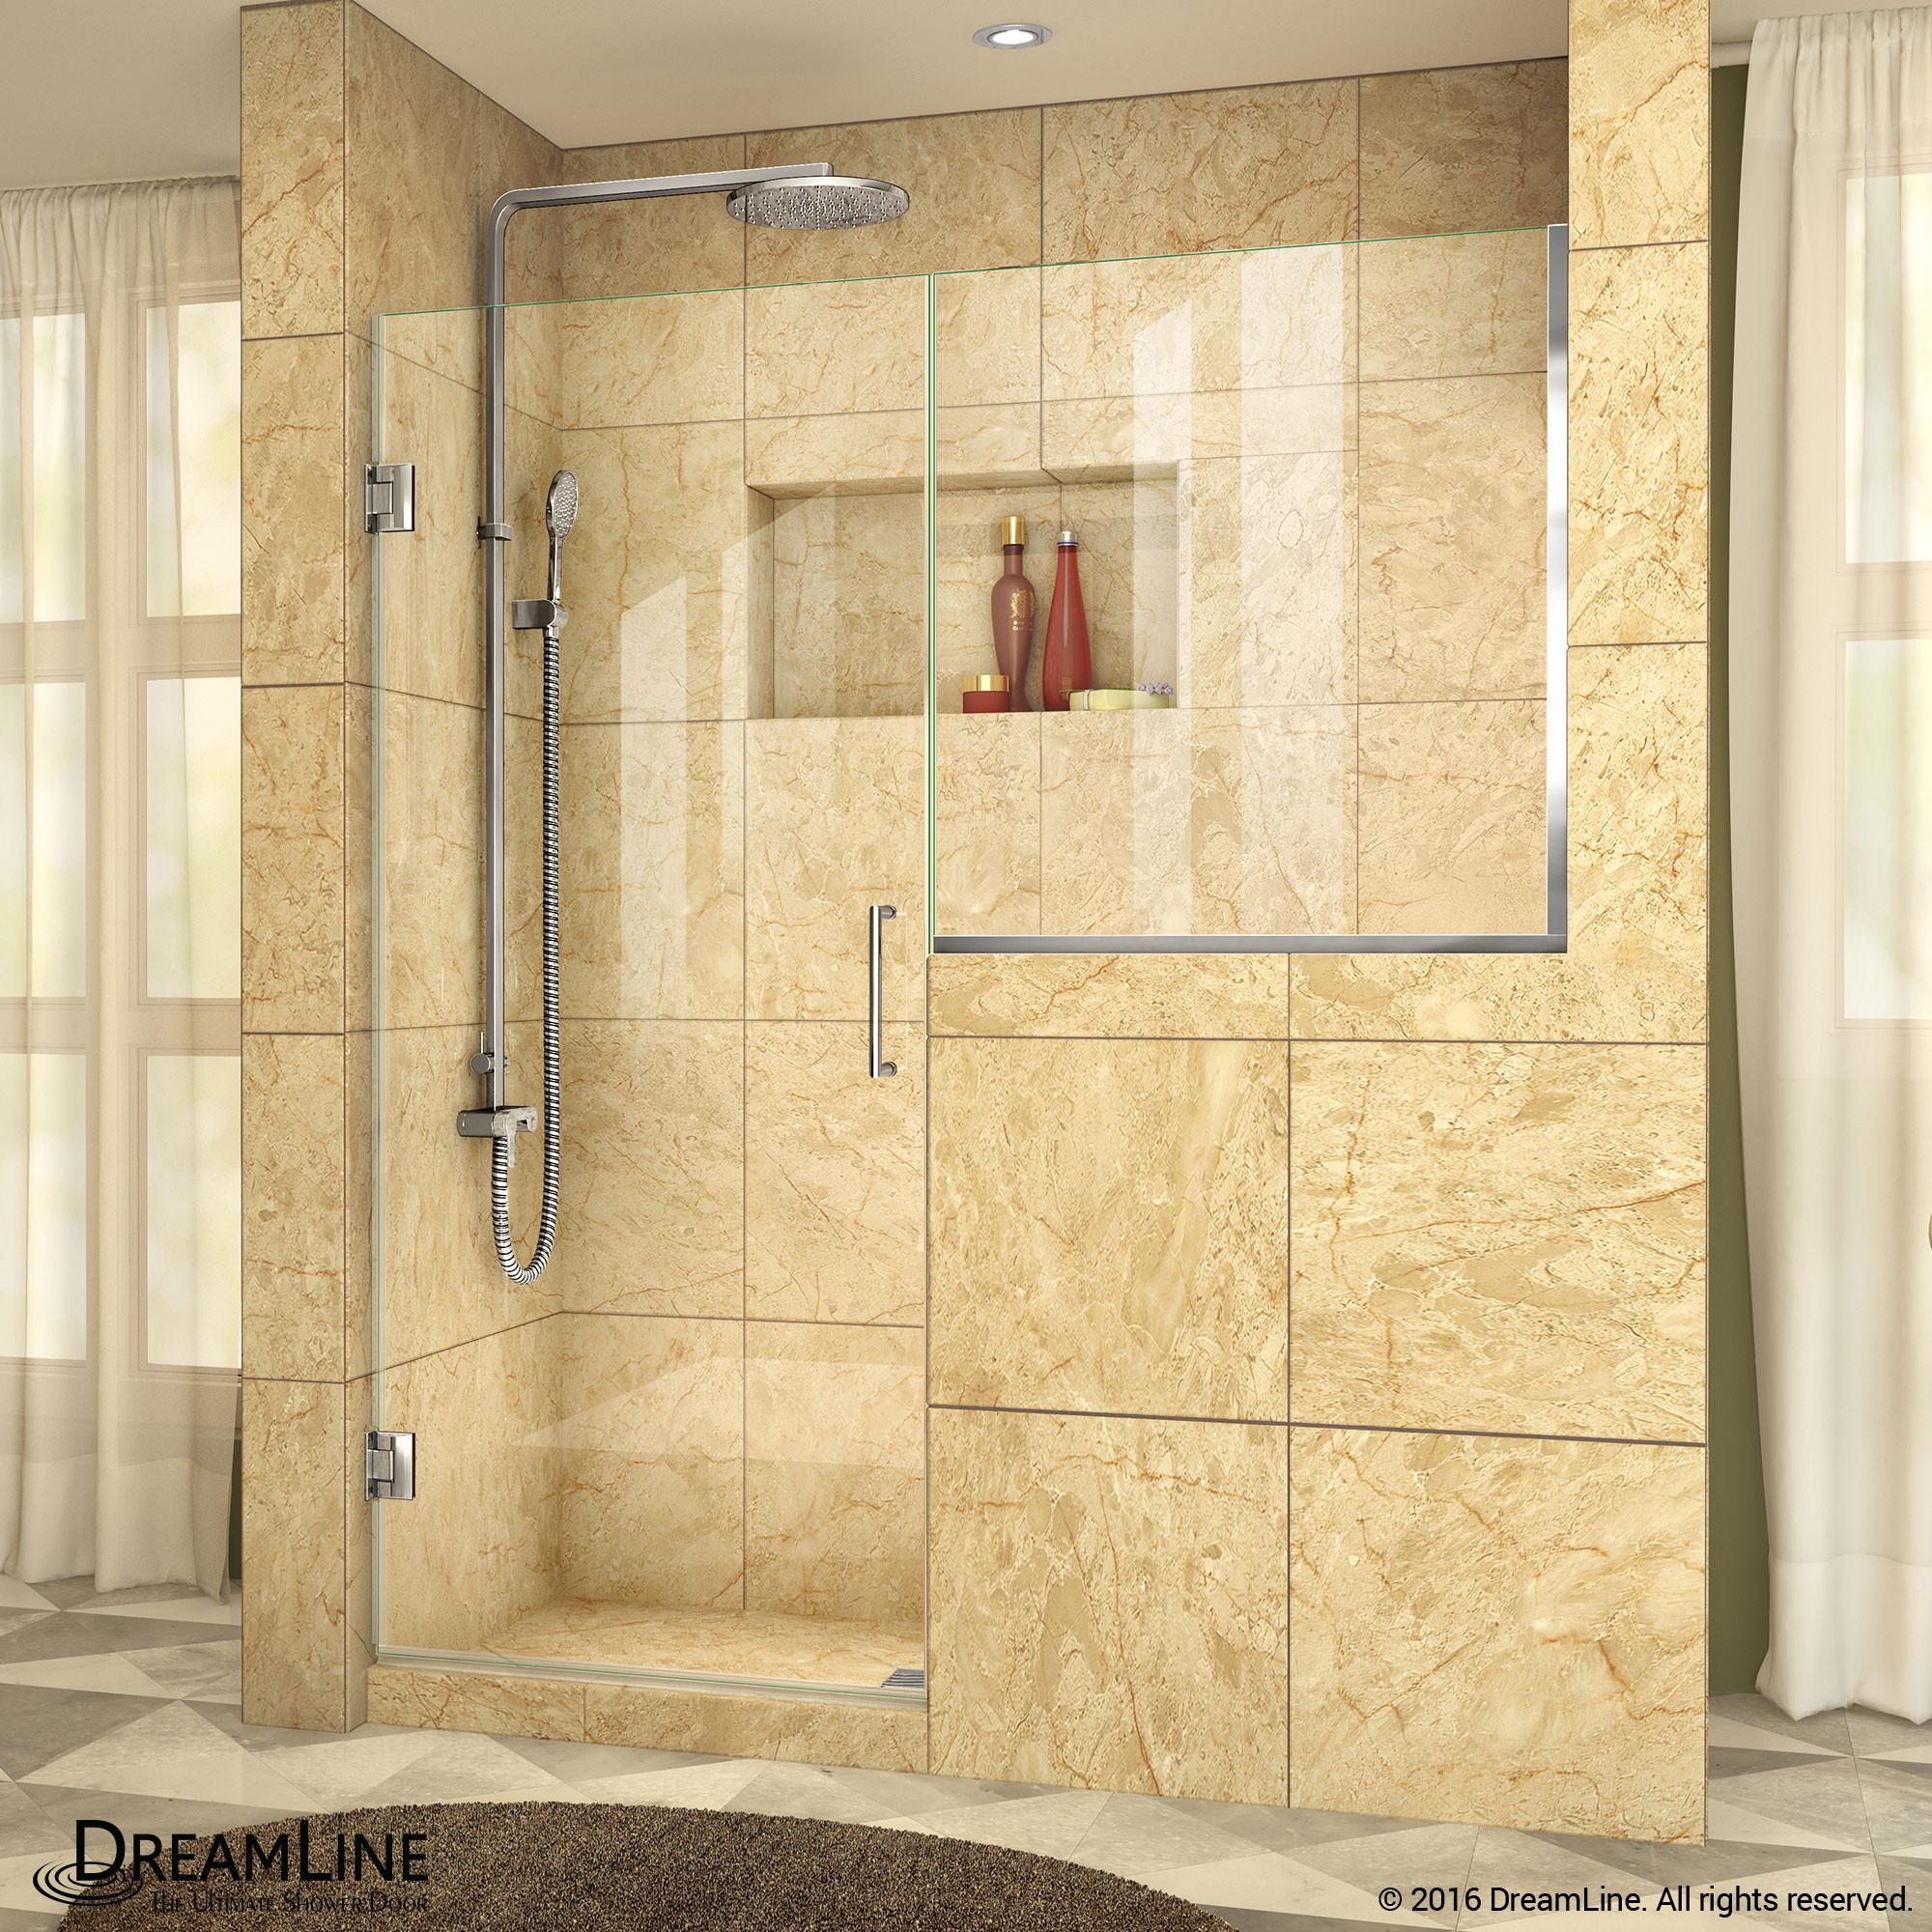 DreamLine SHDR-24273034-01 Unidoor Plus 57 - 57 1/2 in. W x 72 in. H Hinged Shower Door in Chrome